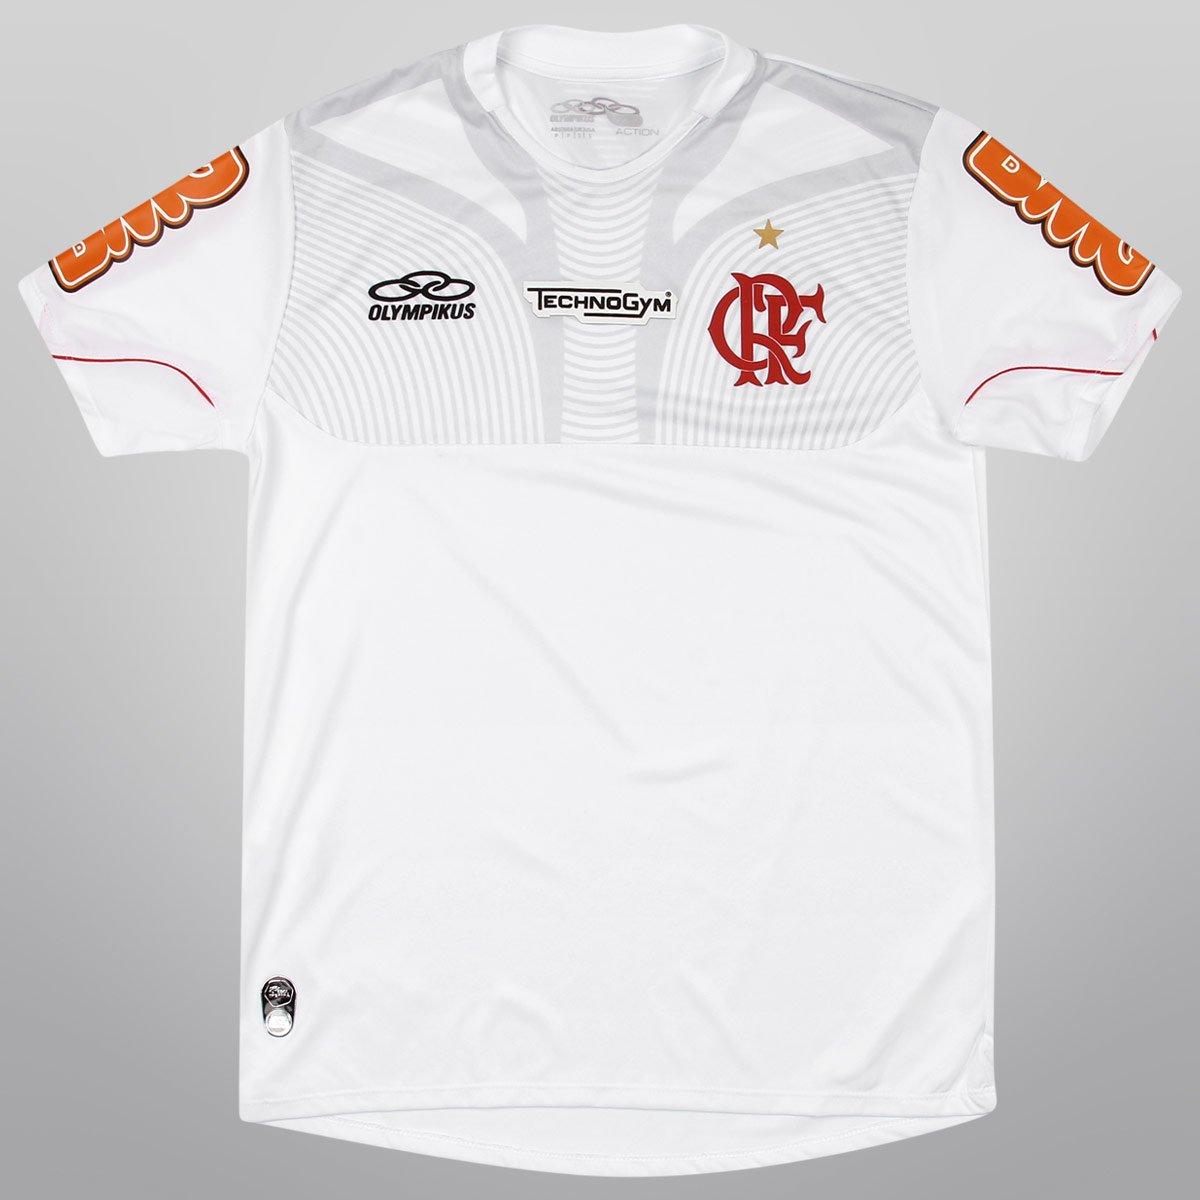 Camisa Olympikus Flamengo Treino 2012 - Compre Agora  e2e38685f8881